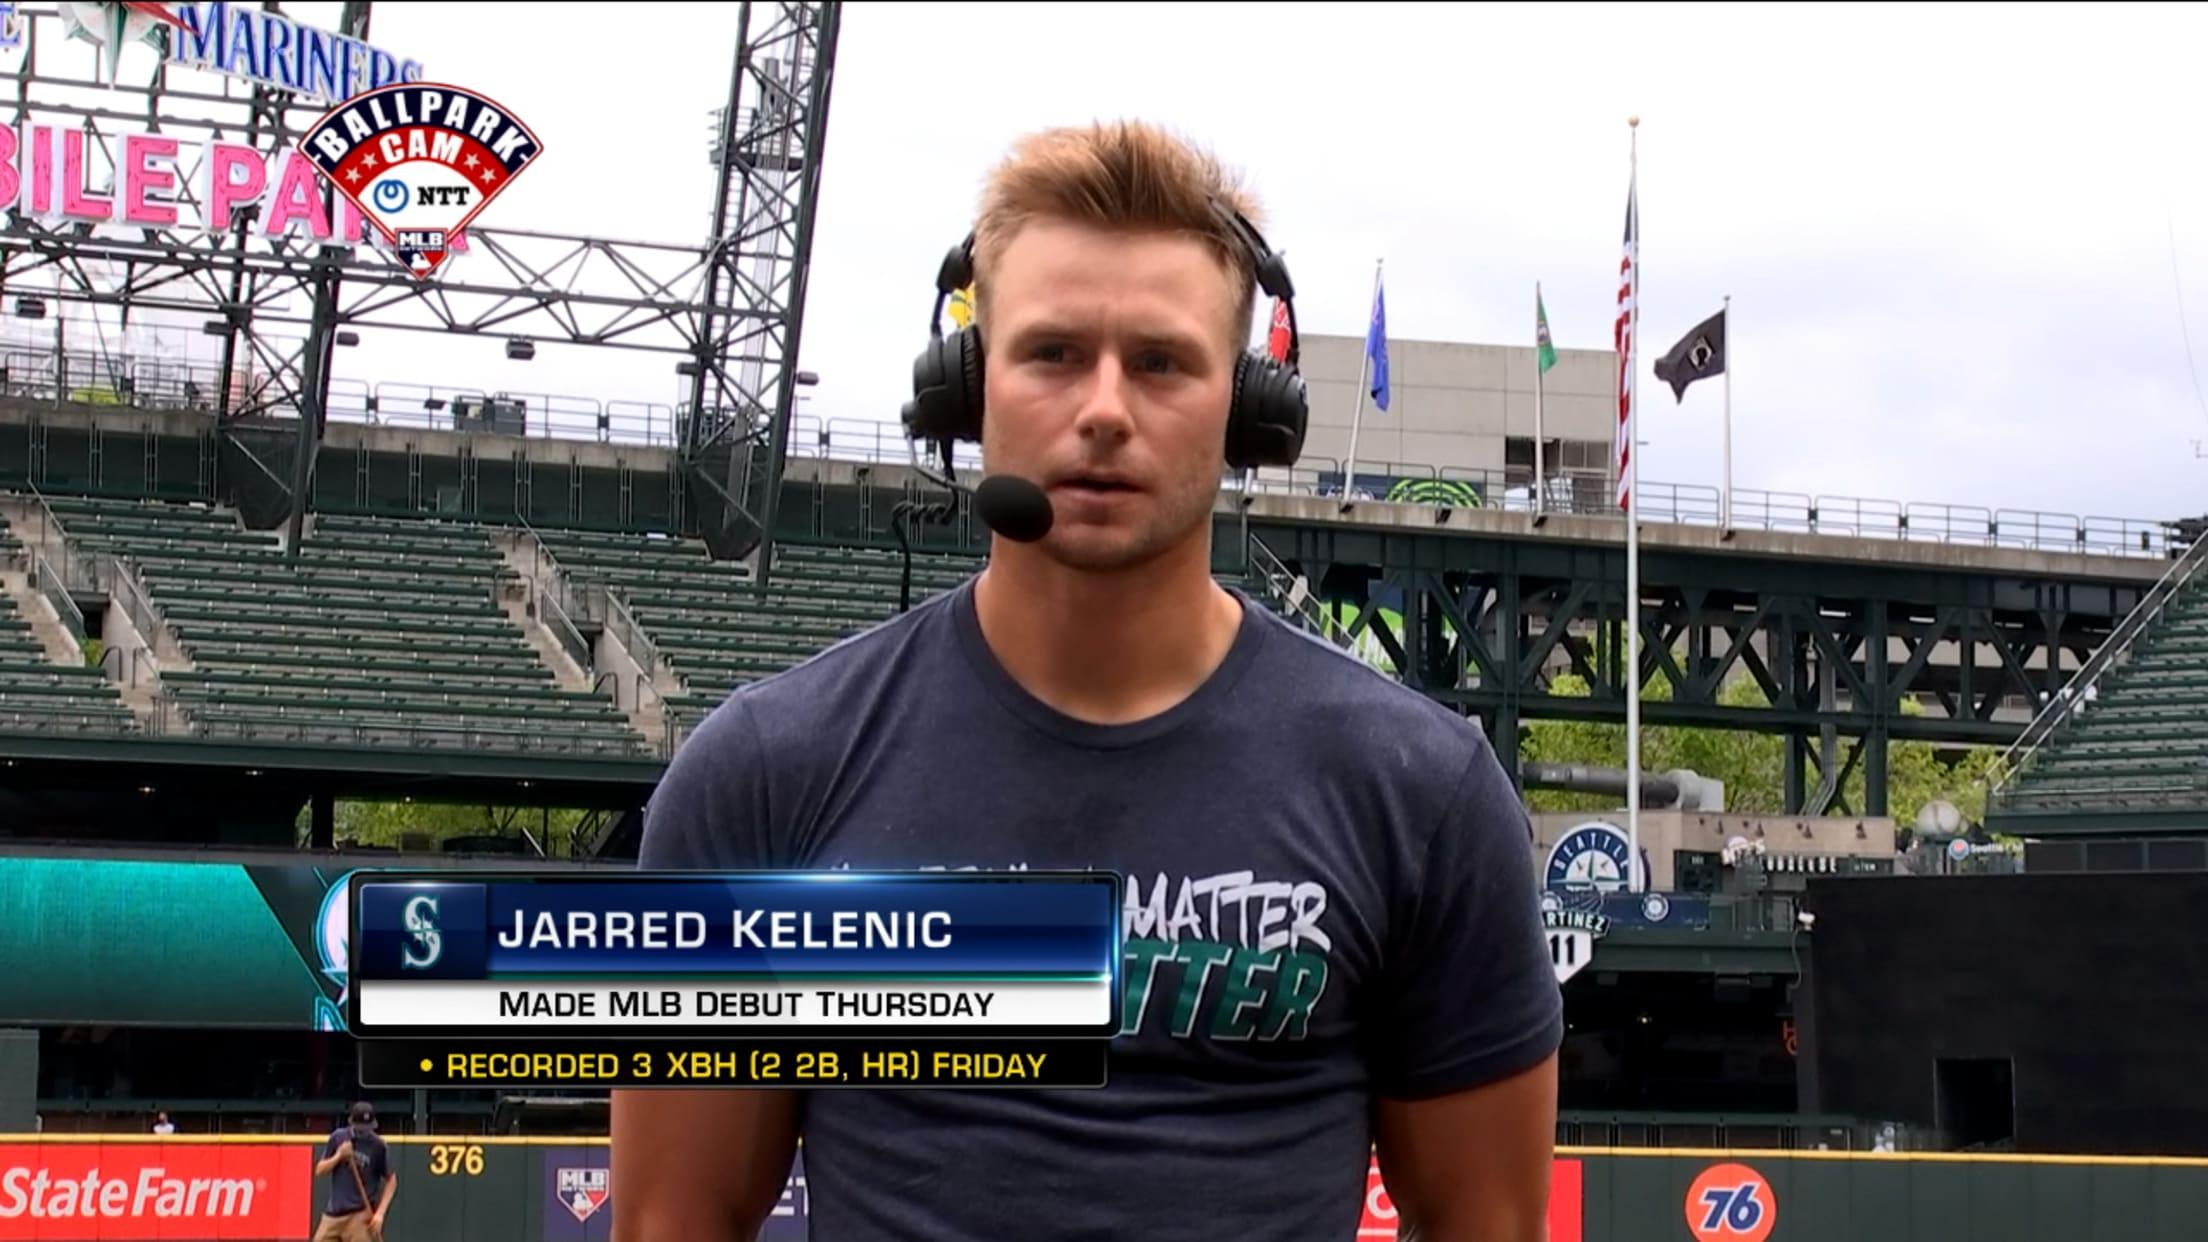 Jarred Kelenic on 1st hit, debut